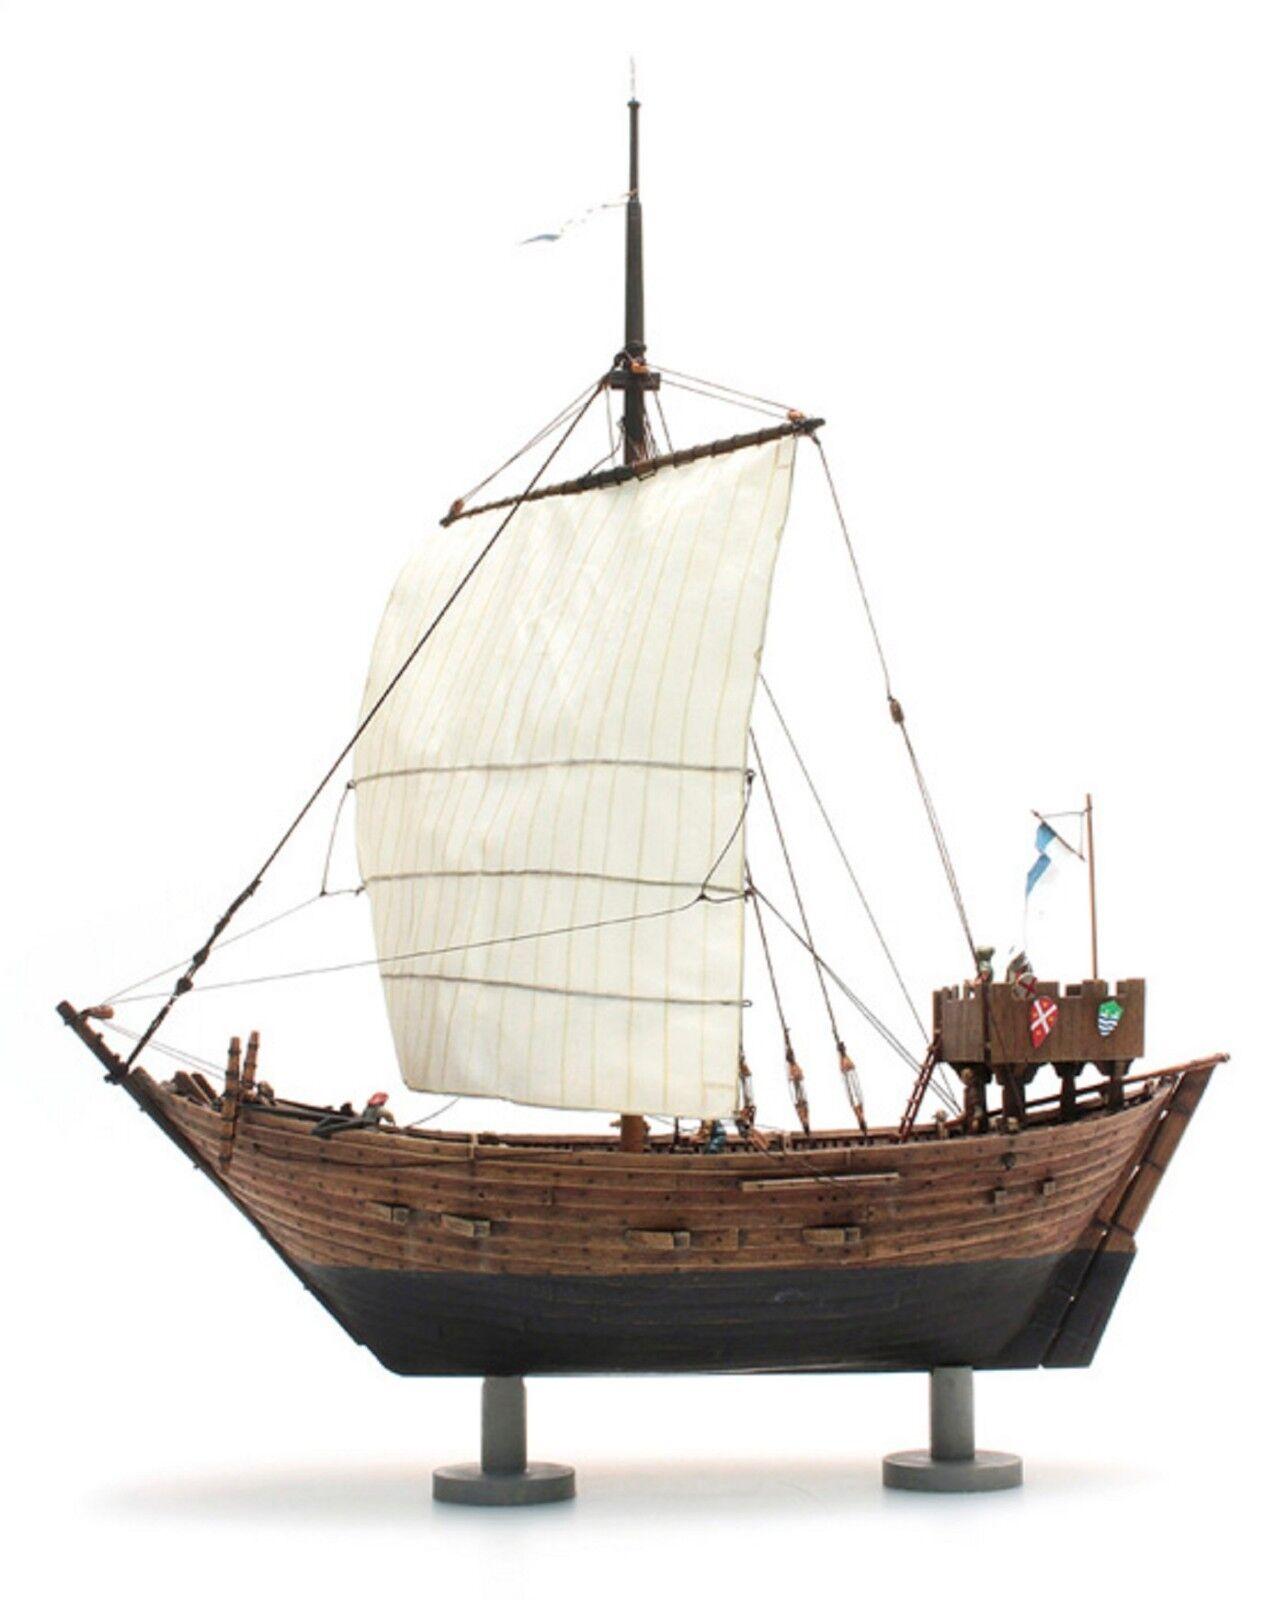 divertiti con uno sconto del 30-50% Artitec Artitec Artitec 50.134 Kogge 14 secolo h0 1 87 KIT smontati resin nave a vela  alto sconto